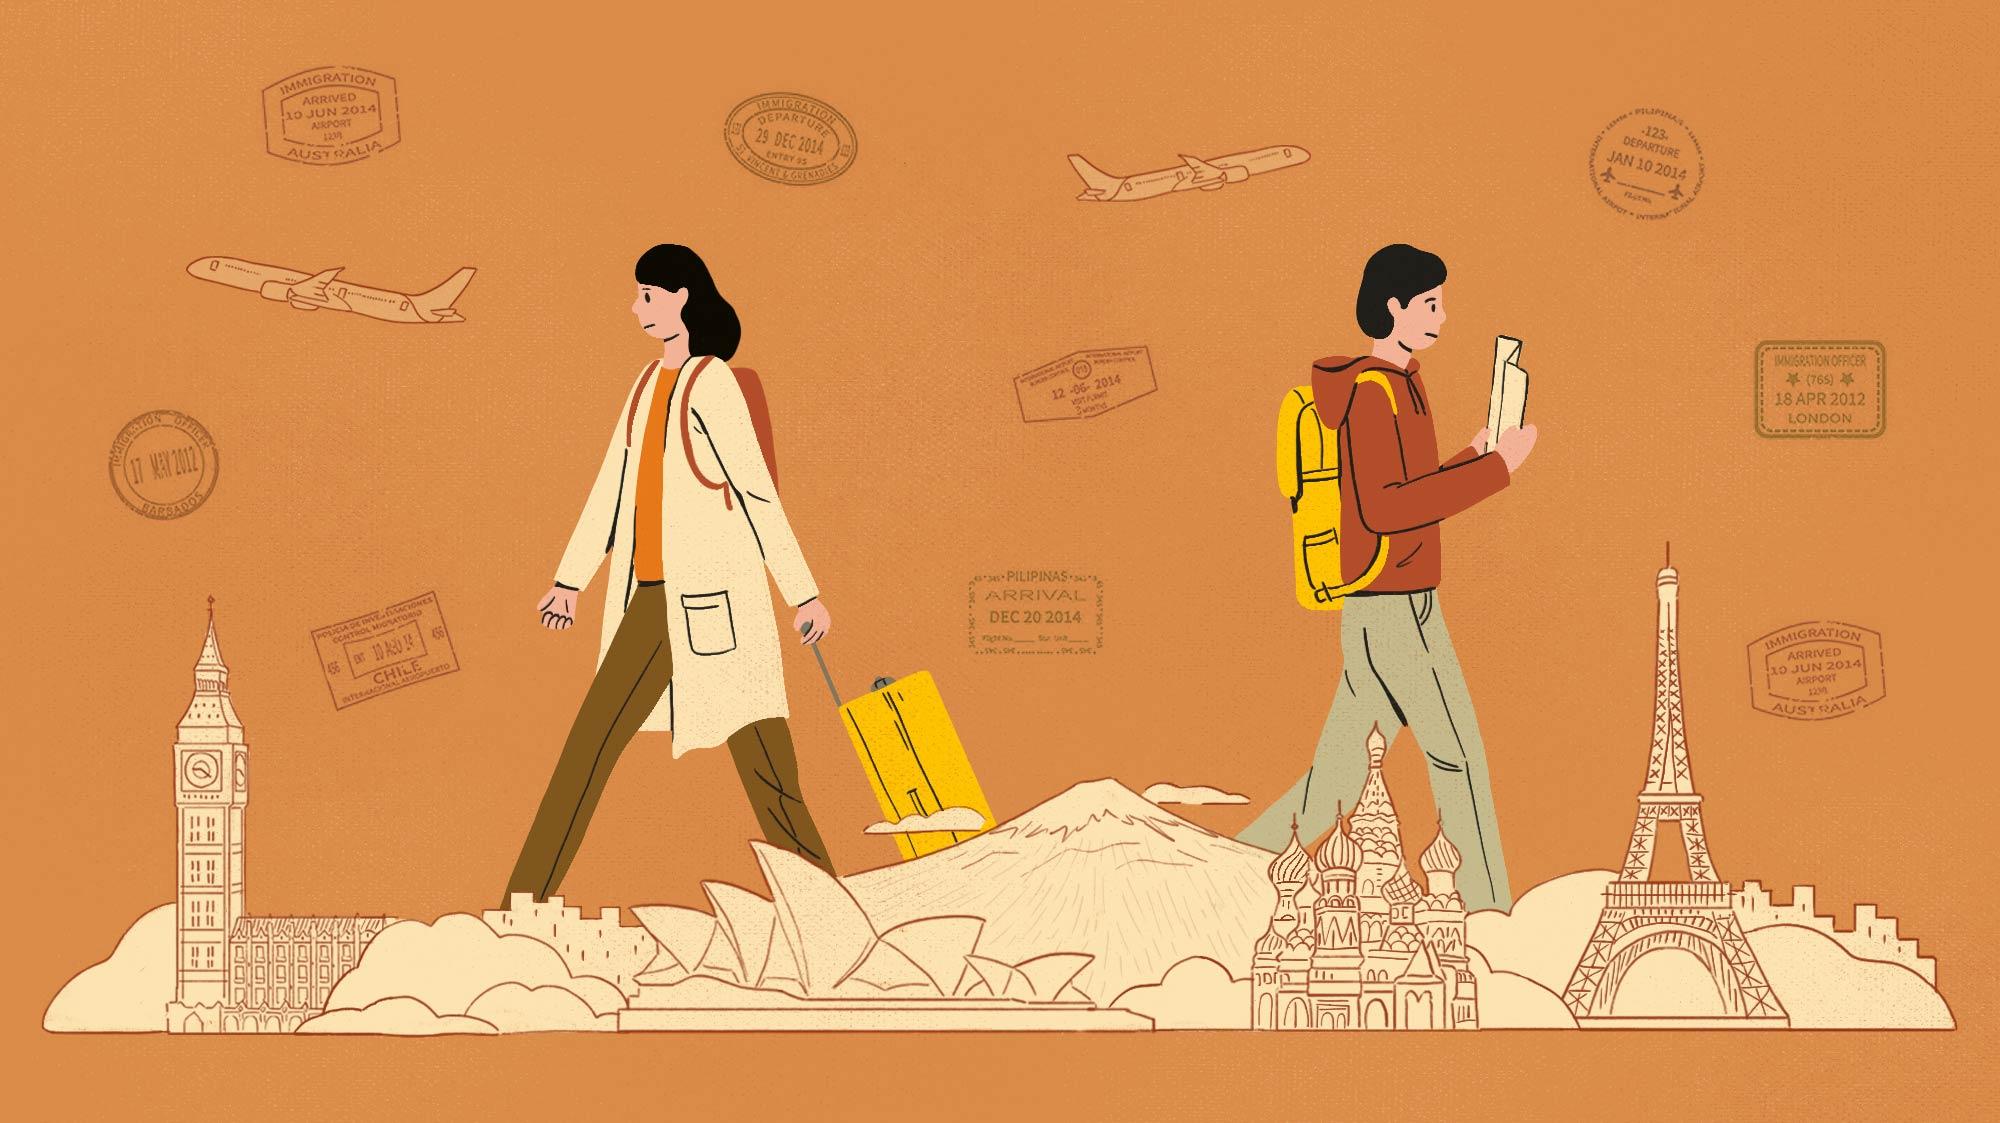 Du lịch không khiến chúng ta hạnh phúc hơn feature